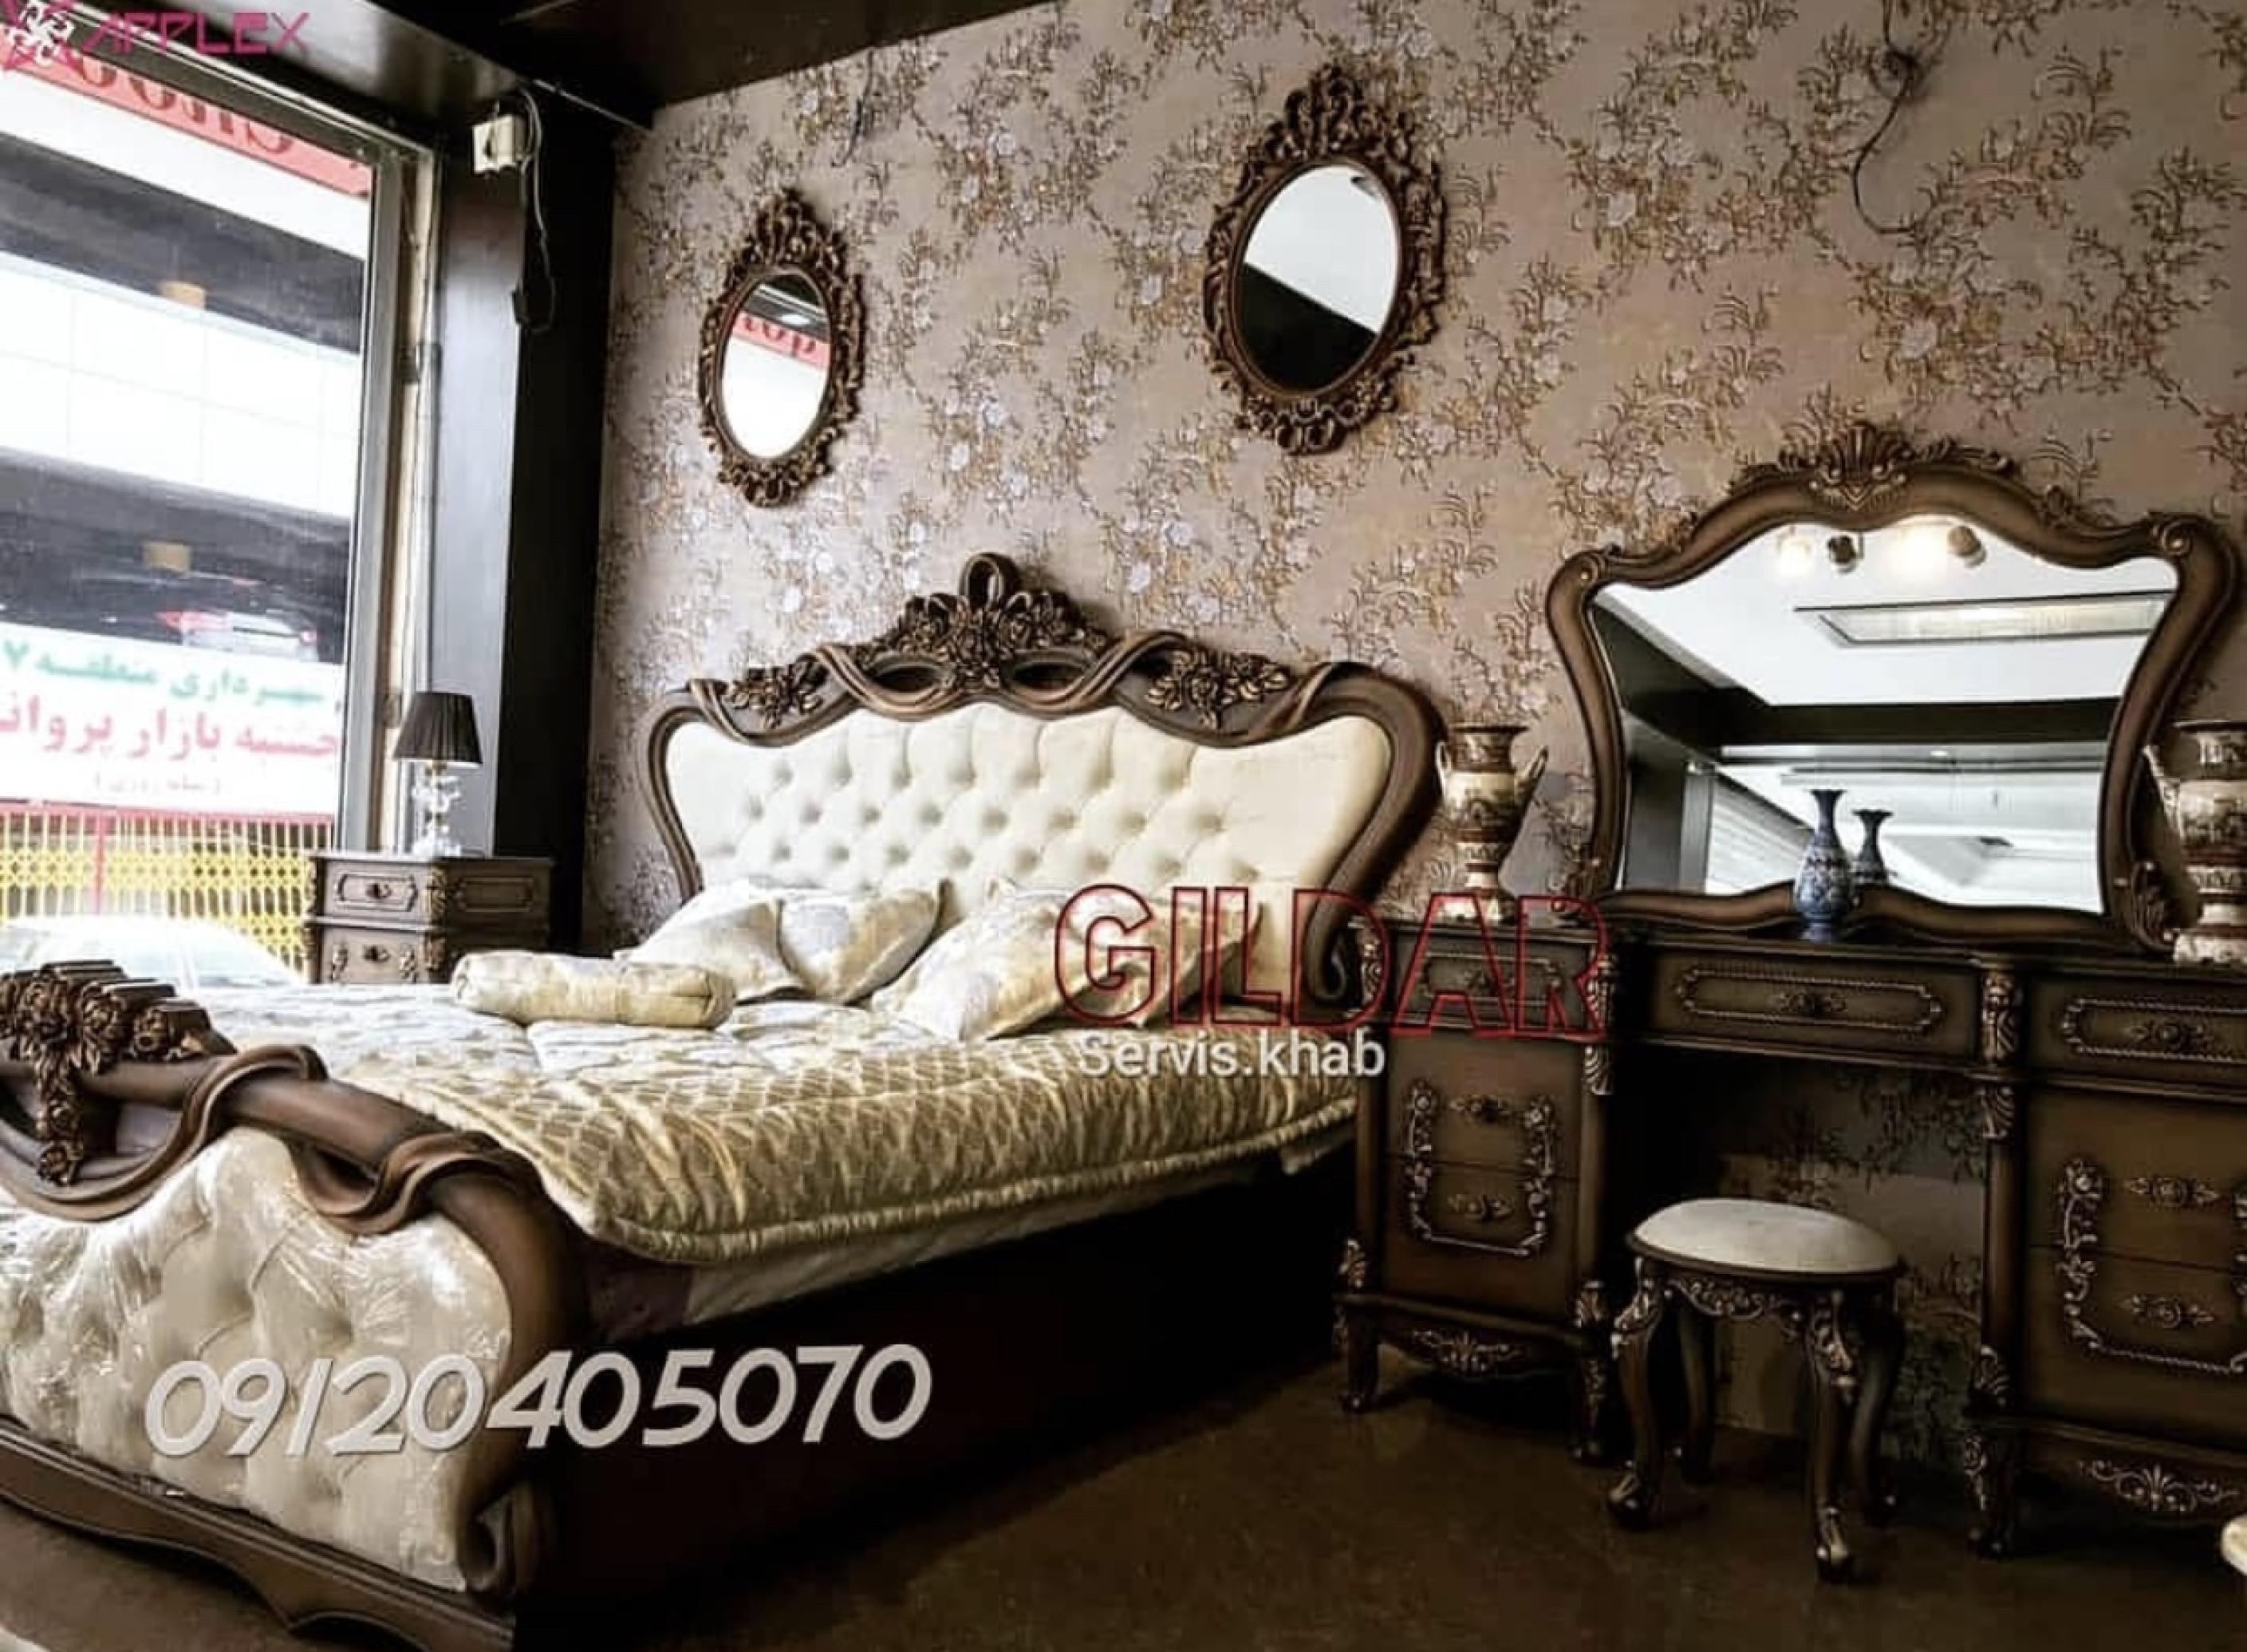 قیمت سرویس خواب کلاسیک